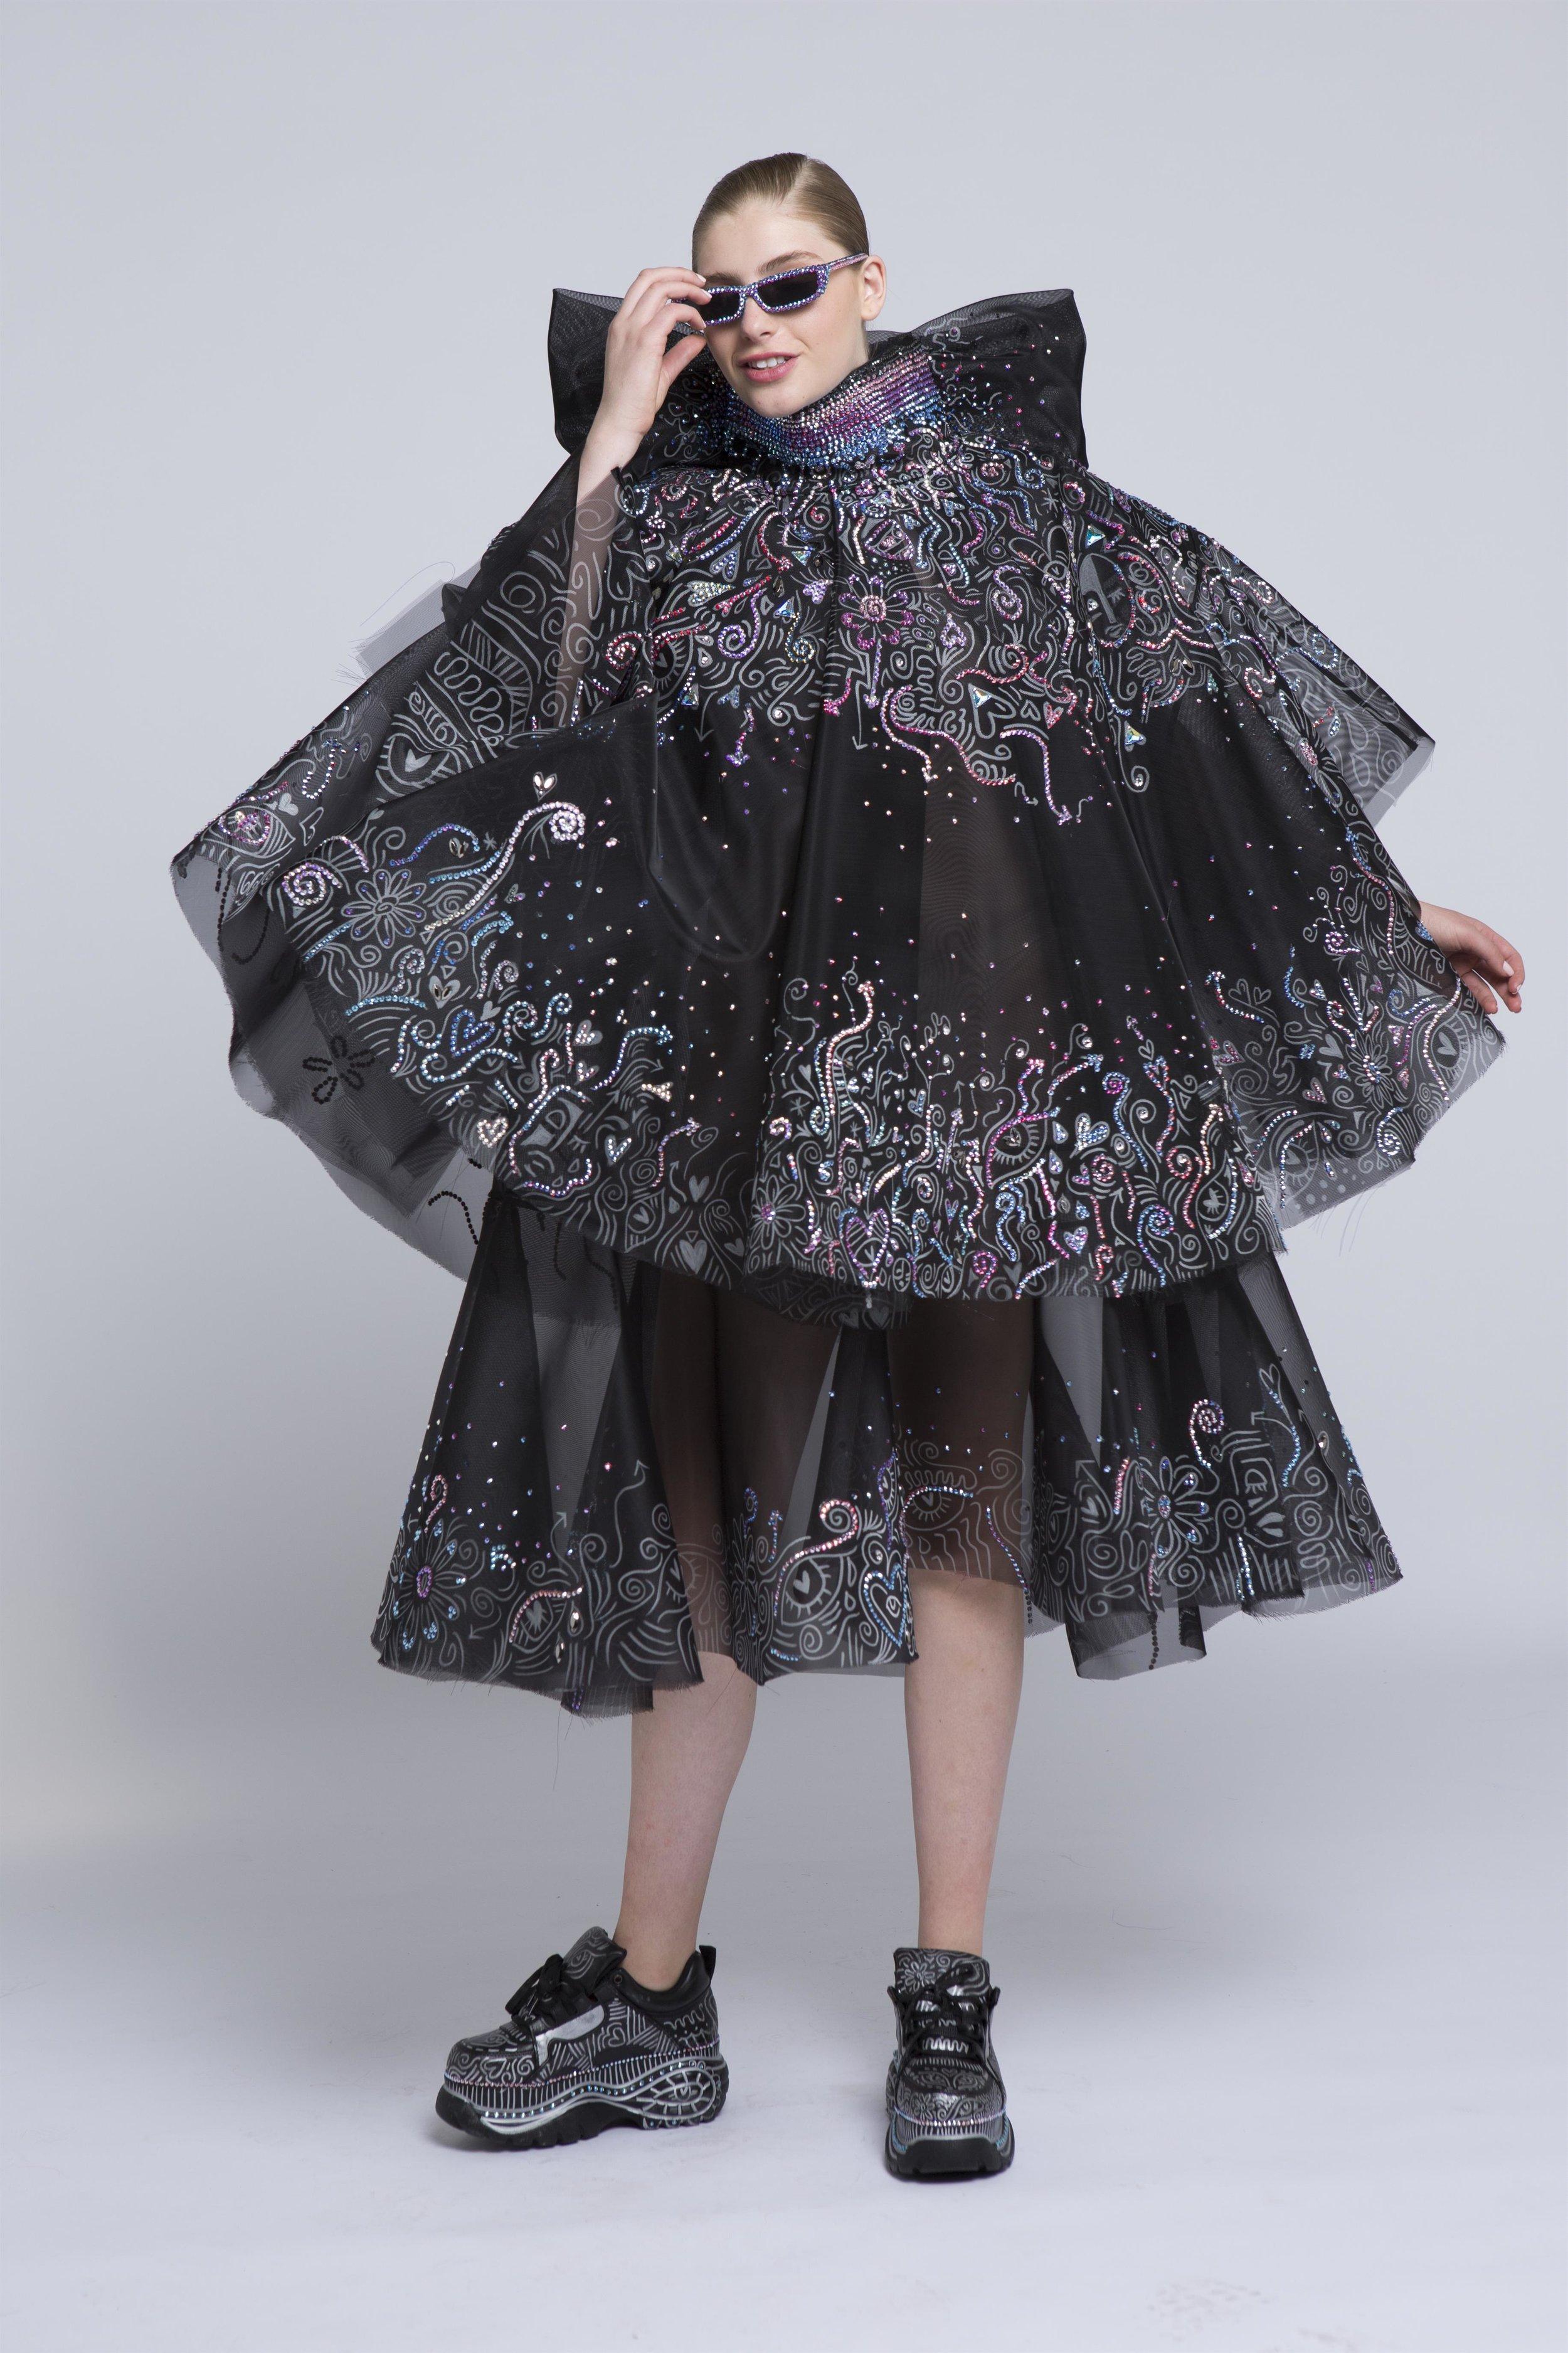 שי רוזנשטוק - כל אדם הוא סיפורבילדותה הייתה חלק מנבחרת התעמלות אמנותית ולא אהבה את העובדה שכל המעמלות צריכות להתלבש אותו הדבר, הקולקציה מושפעת מהאמן Laolu Sanbanjo, המצייר את סיפורו האישי על גופם של אנשים